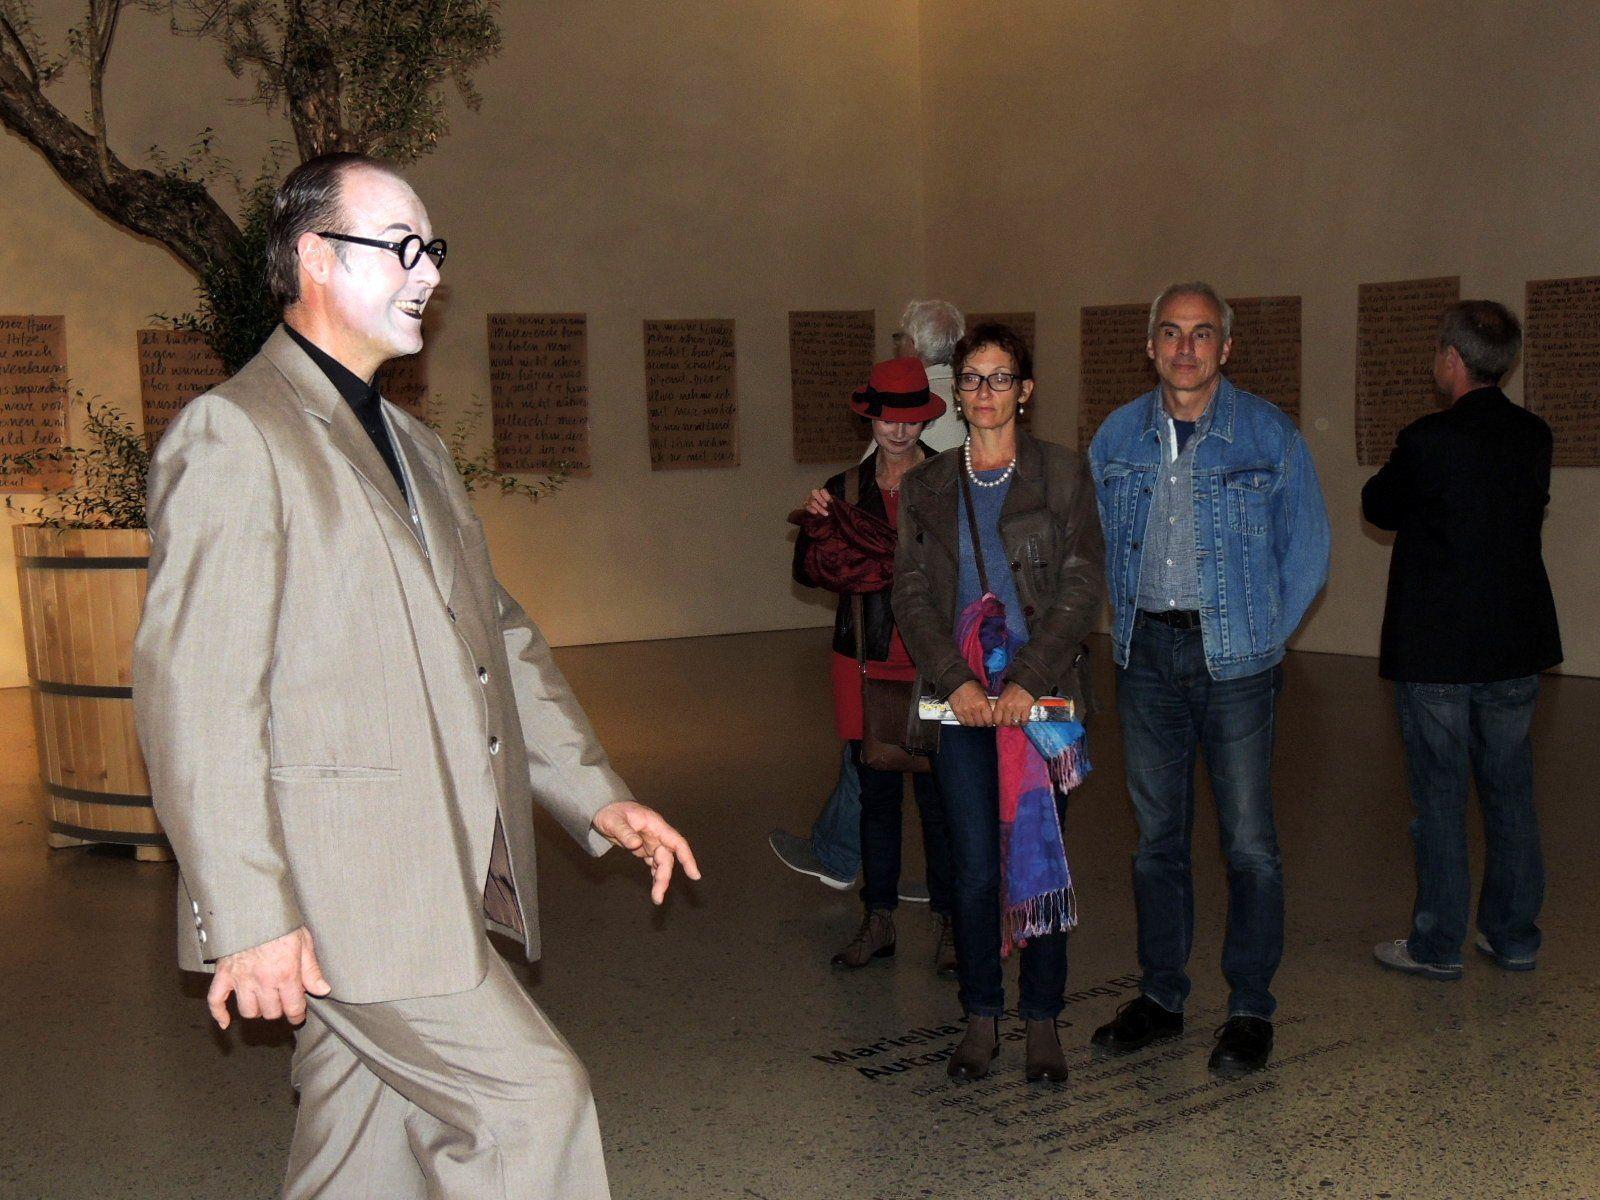 Pantomime Thiemo Dalpra überraschte die BesucherInnen beim Museumsbesuch